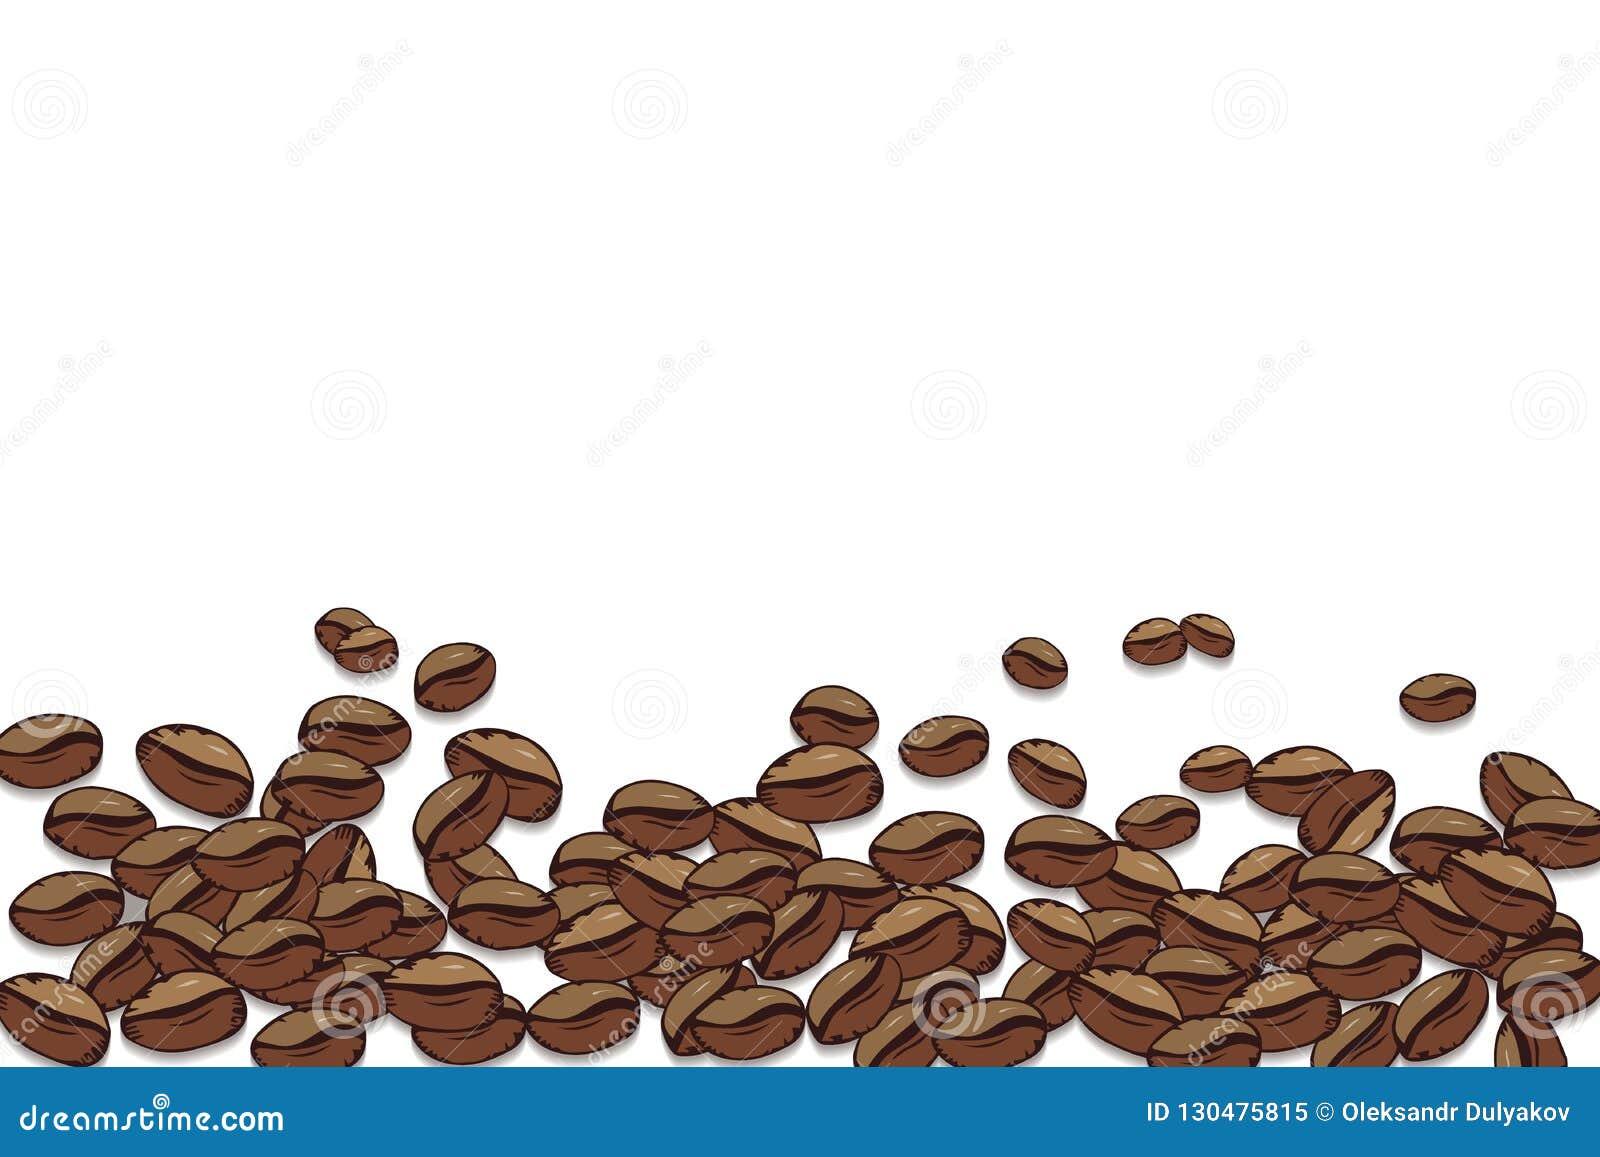 διάνυσμα στοιχείων σχεδίου καφέ ανασκόπησης Διακοσμητικό τετραγωνικό υπόβαθρο με τη θέση για το κείμενό σας Φασόλια καφέ πλαισίων